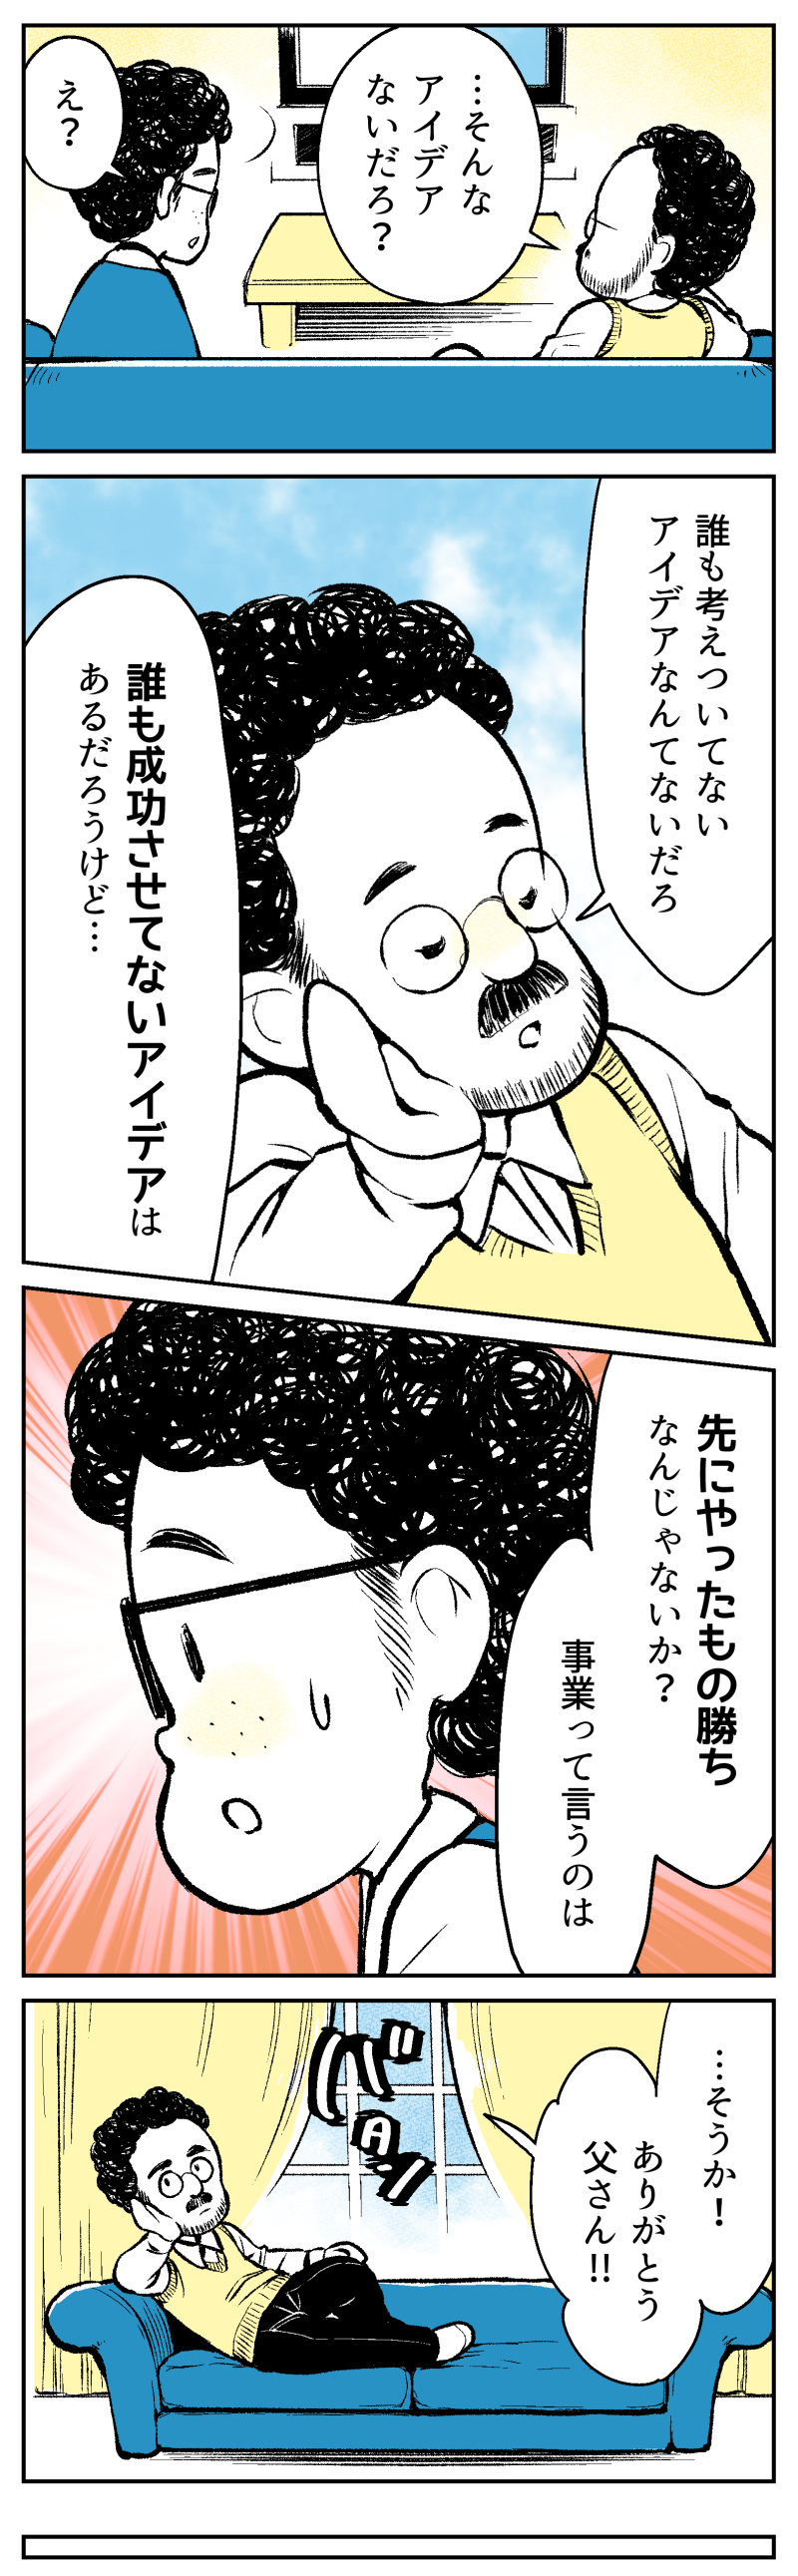 伯爵4話_005.jpg